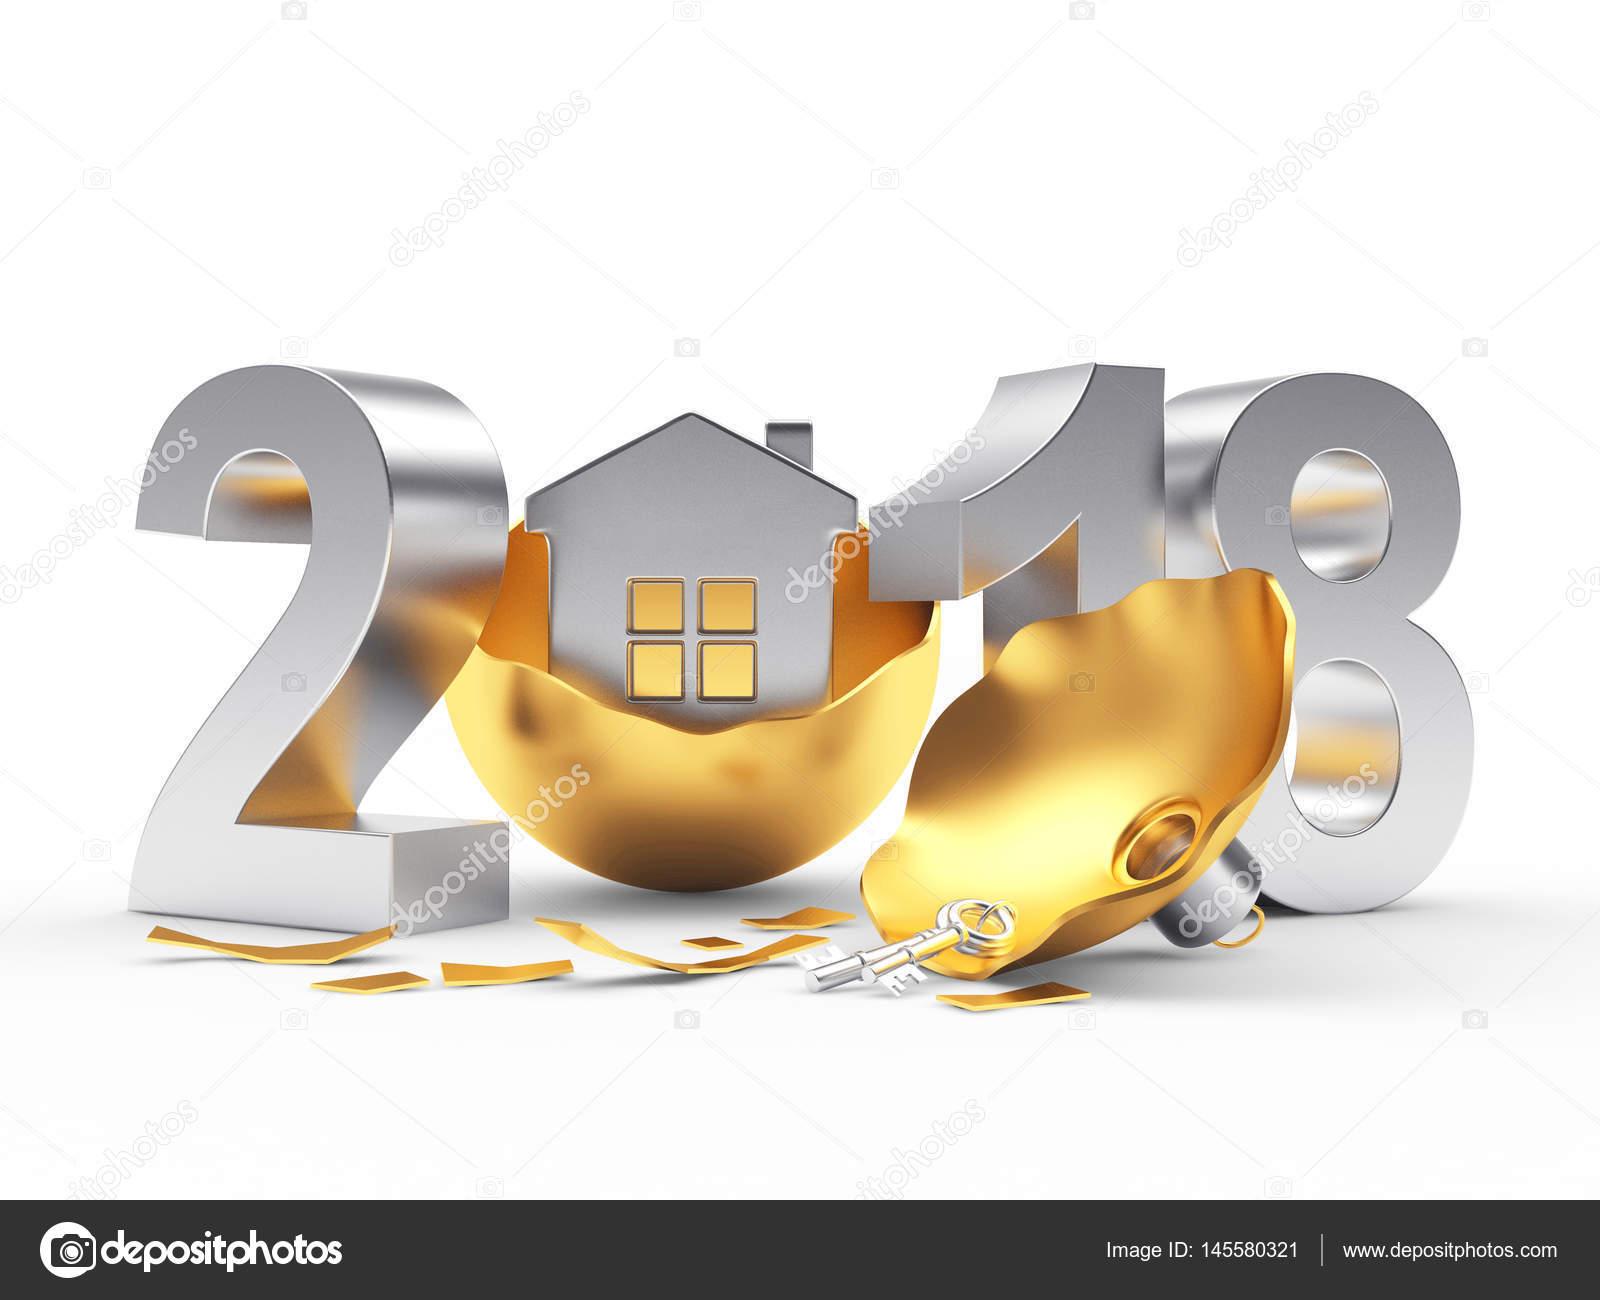 images de noel 2018 Argent an 2018 et cassé or boule de Noël avec la maison  images de noel 2018